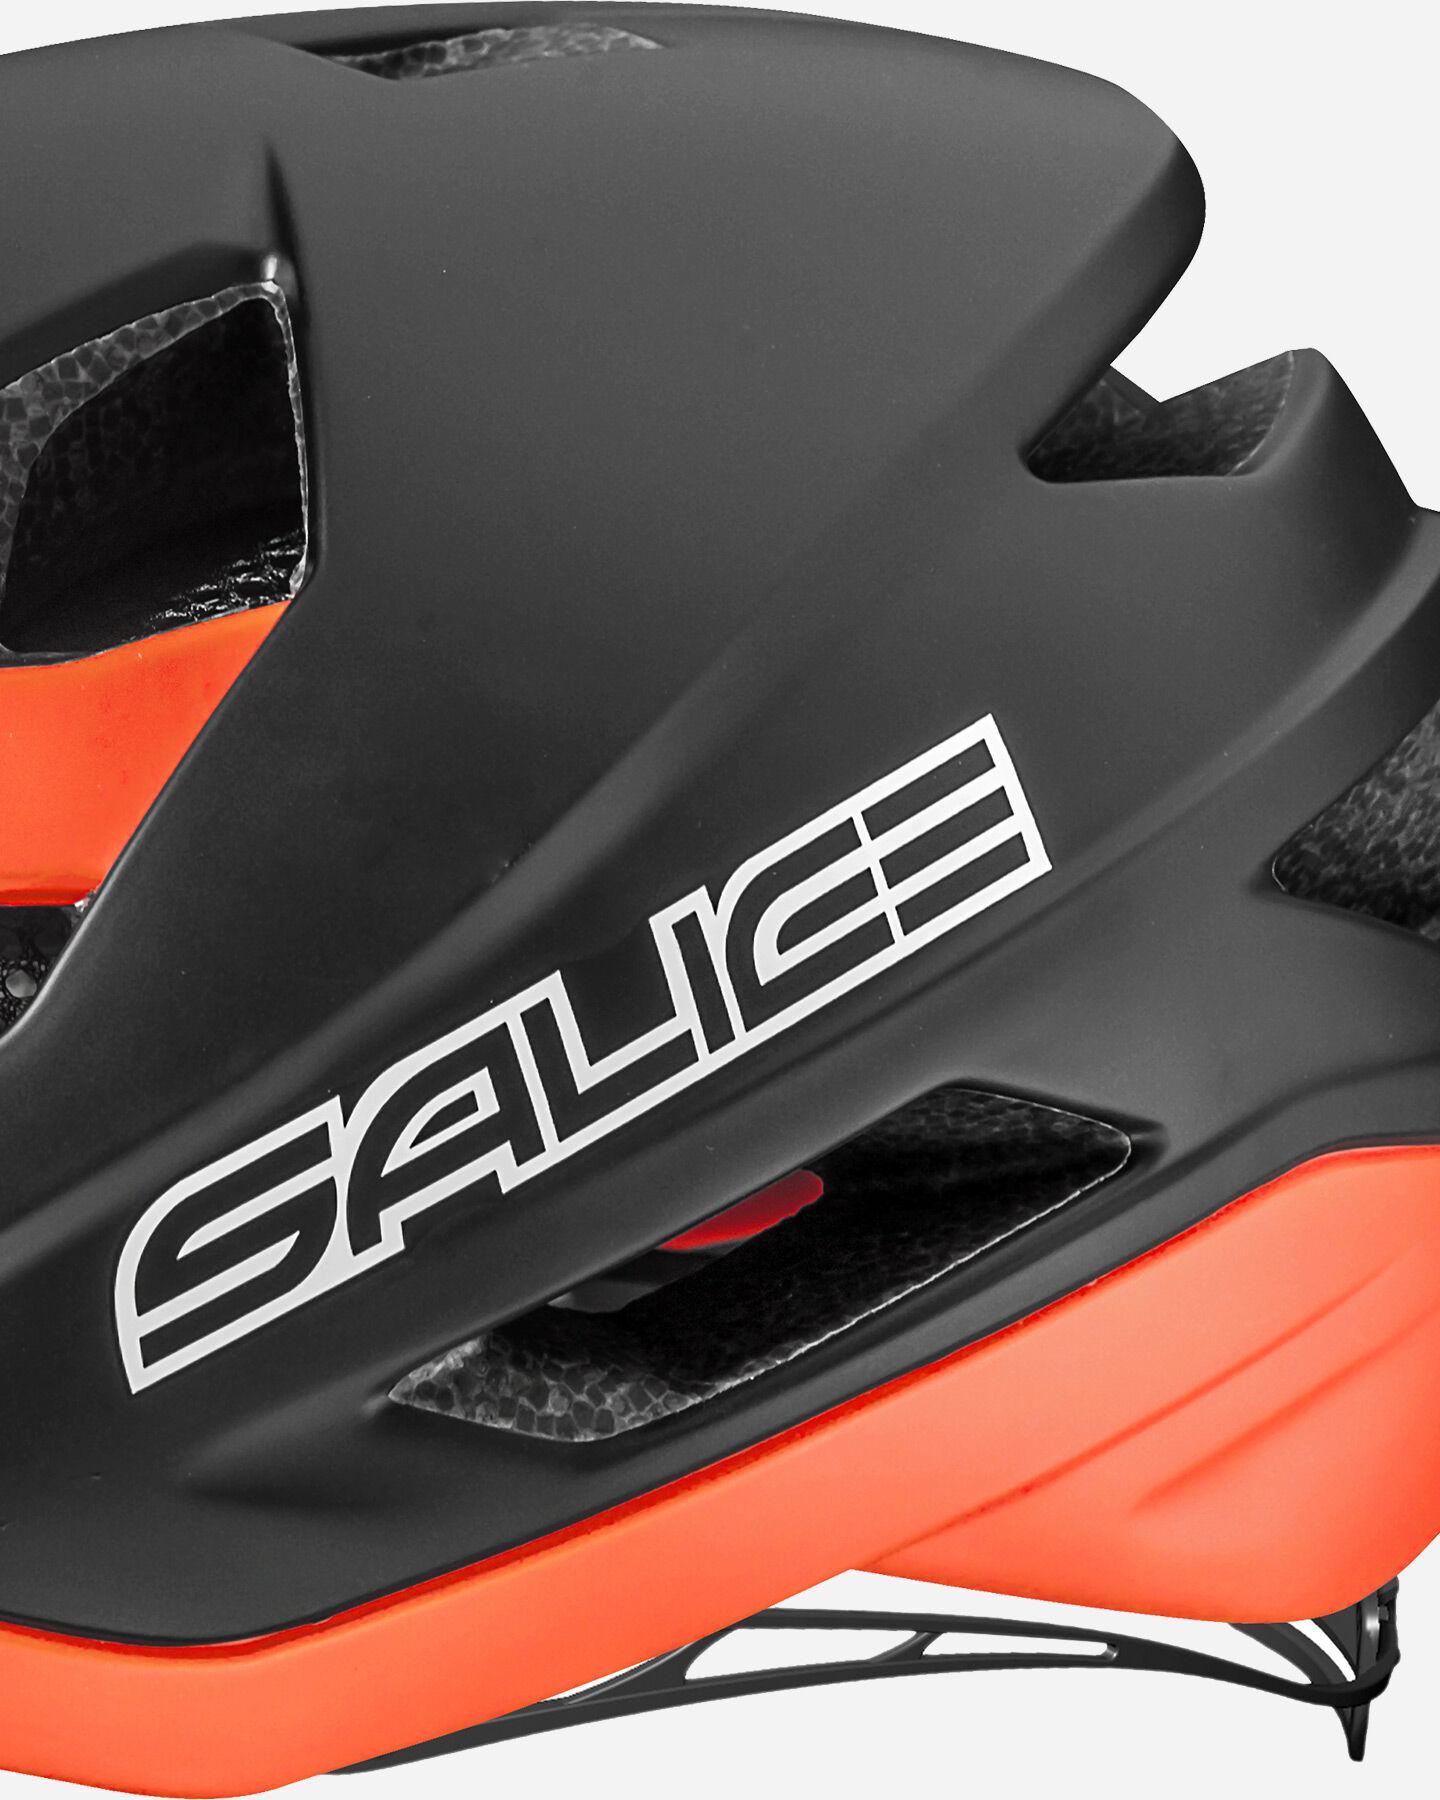 Casco bici SALICE LEVANTE S4068732 scatto 1